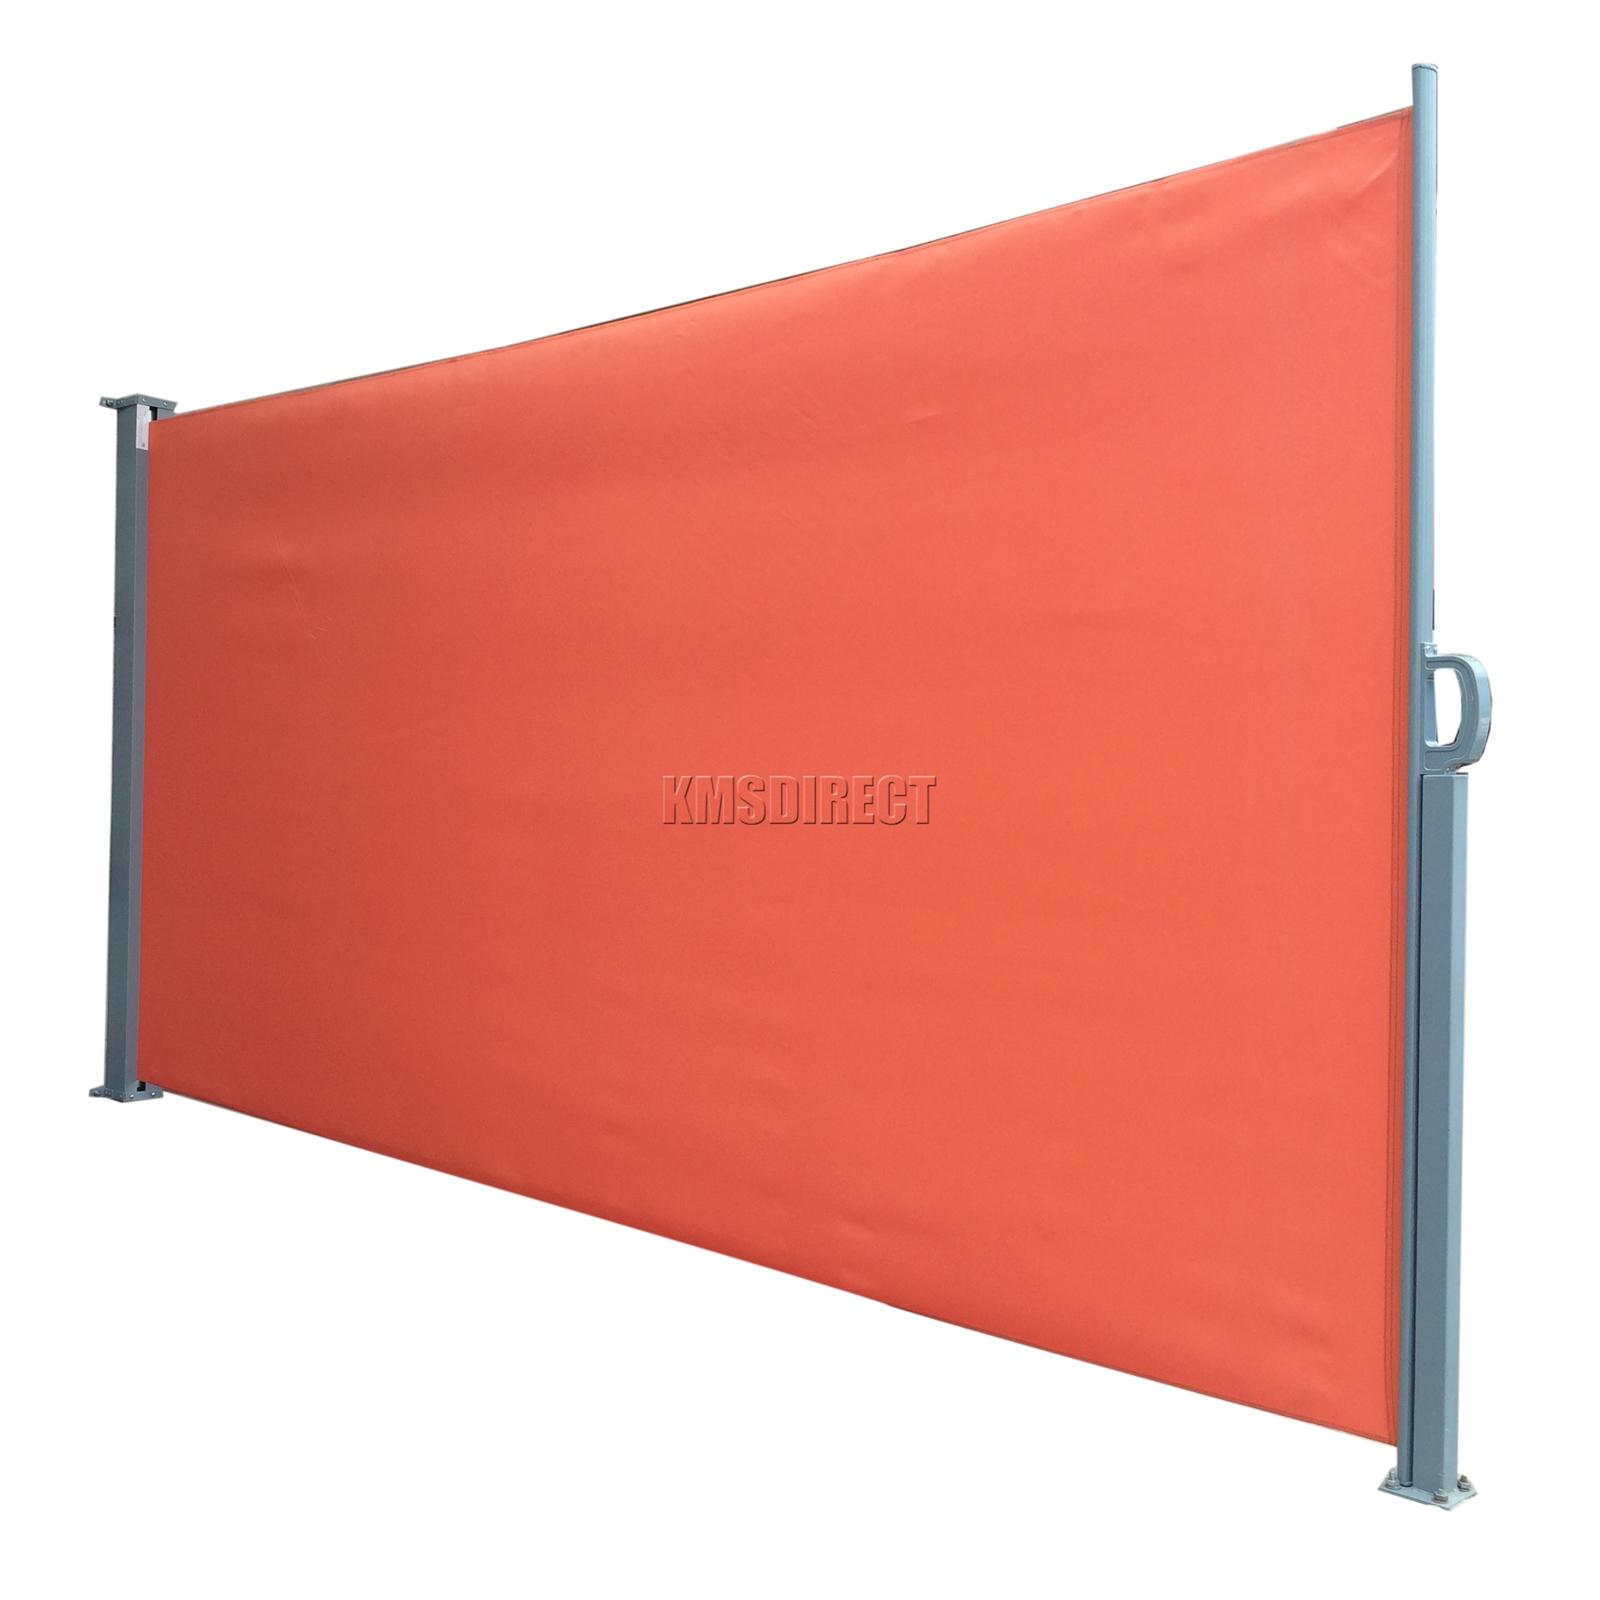 centinela foxhunter jardn patio parasol ciegos retrctil lateral toldo exterior pantalla nuevo